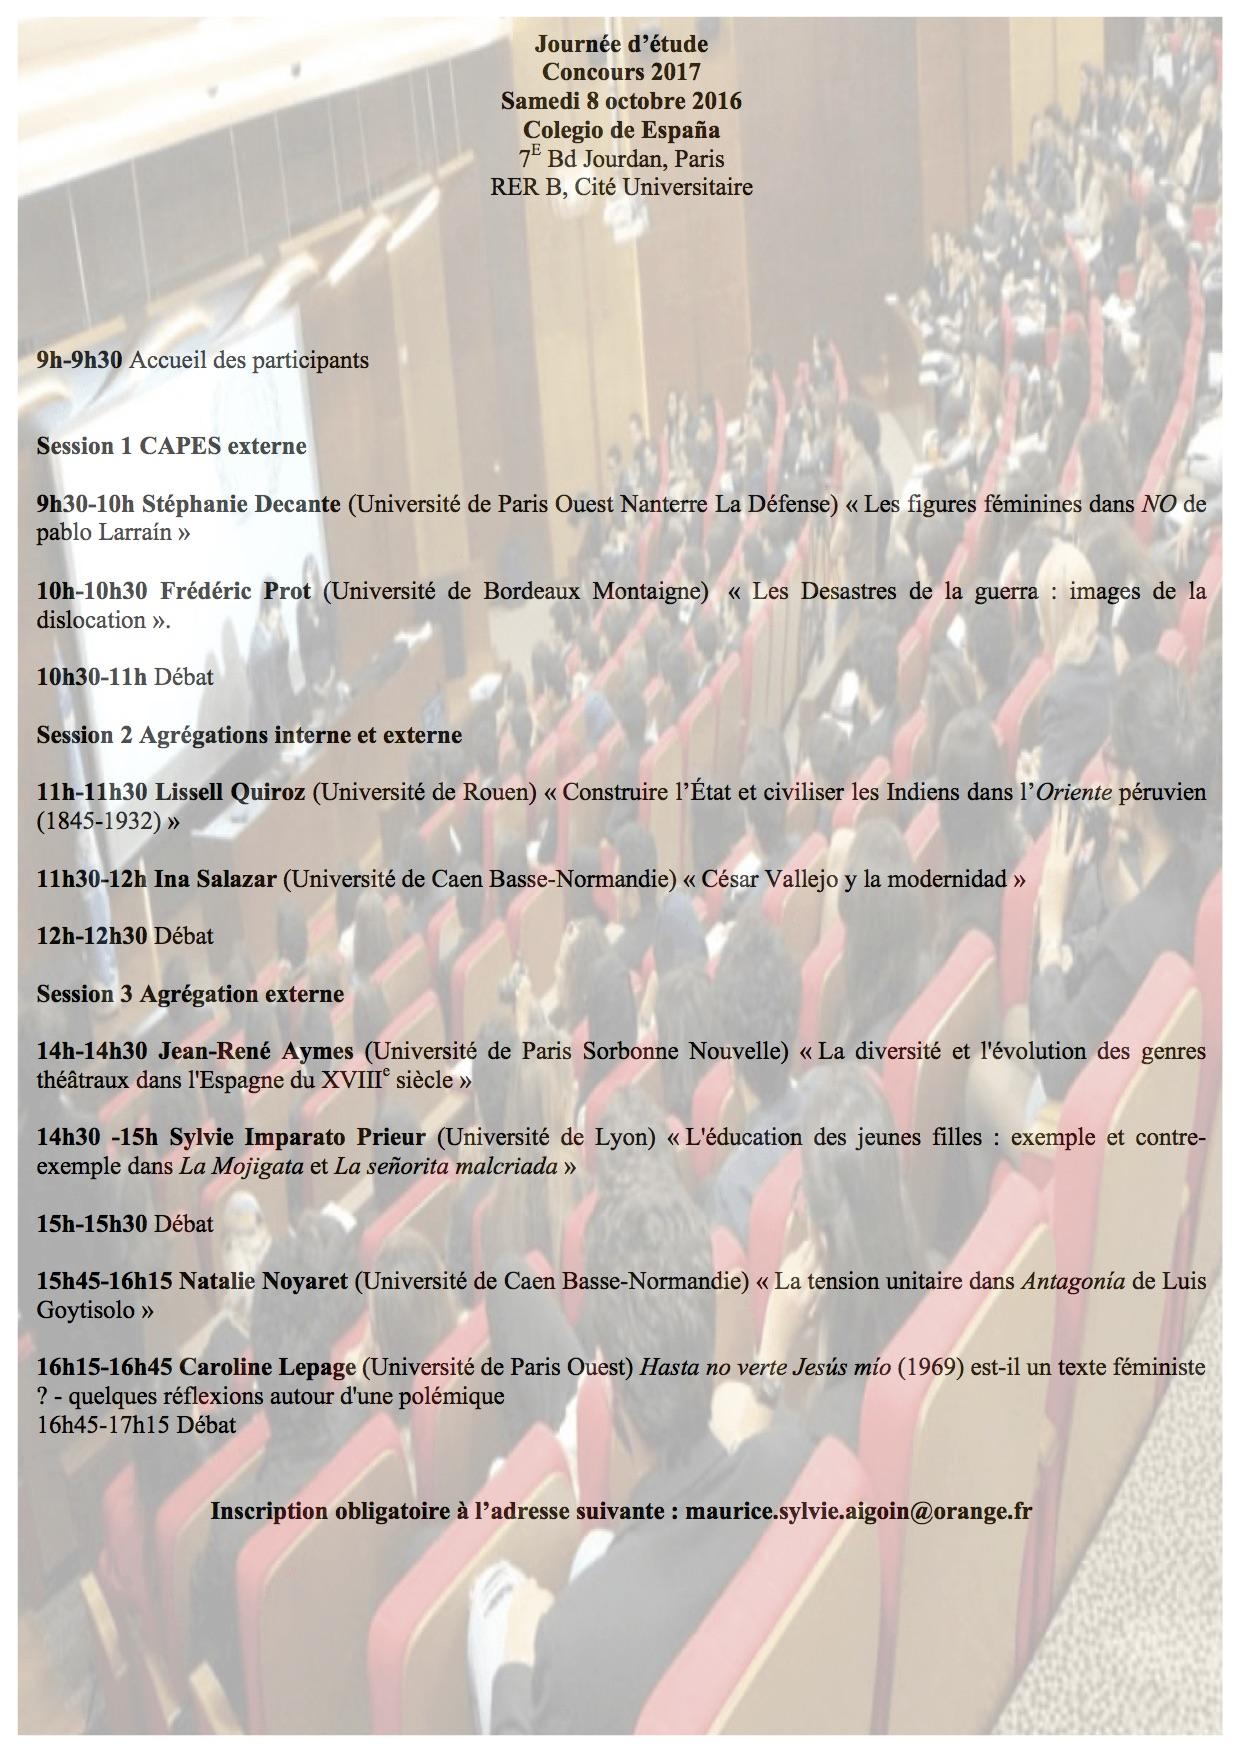 Programme JE 2